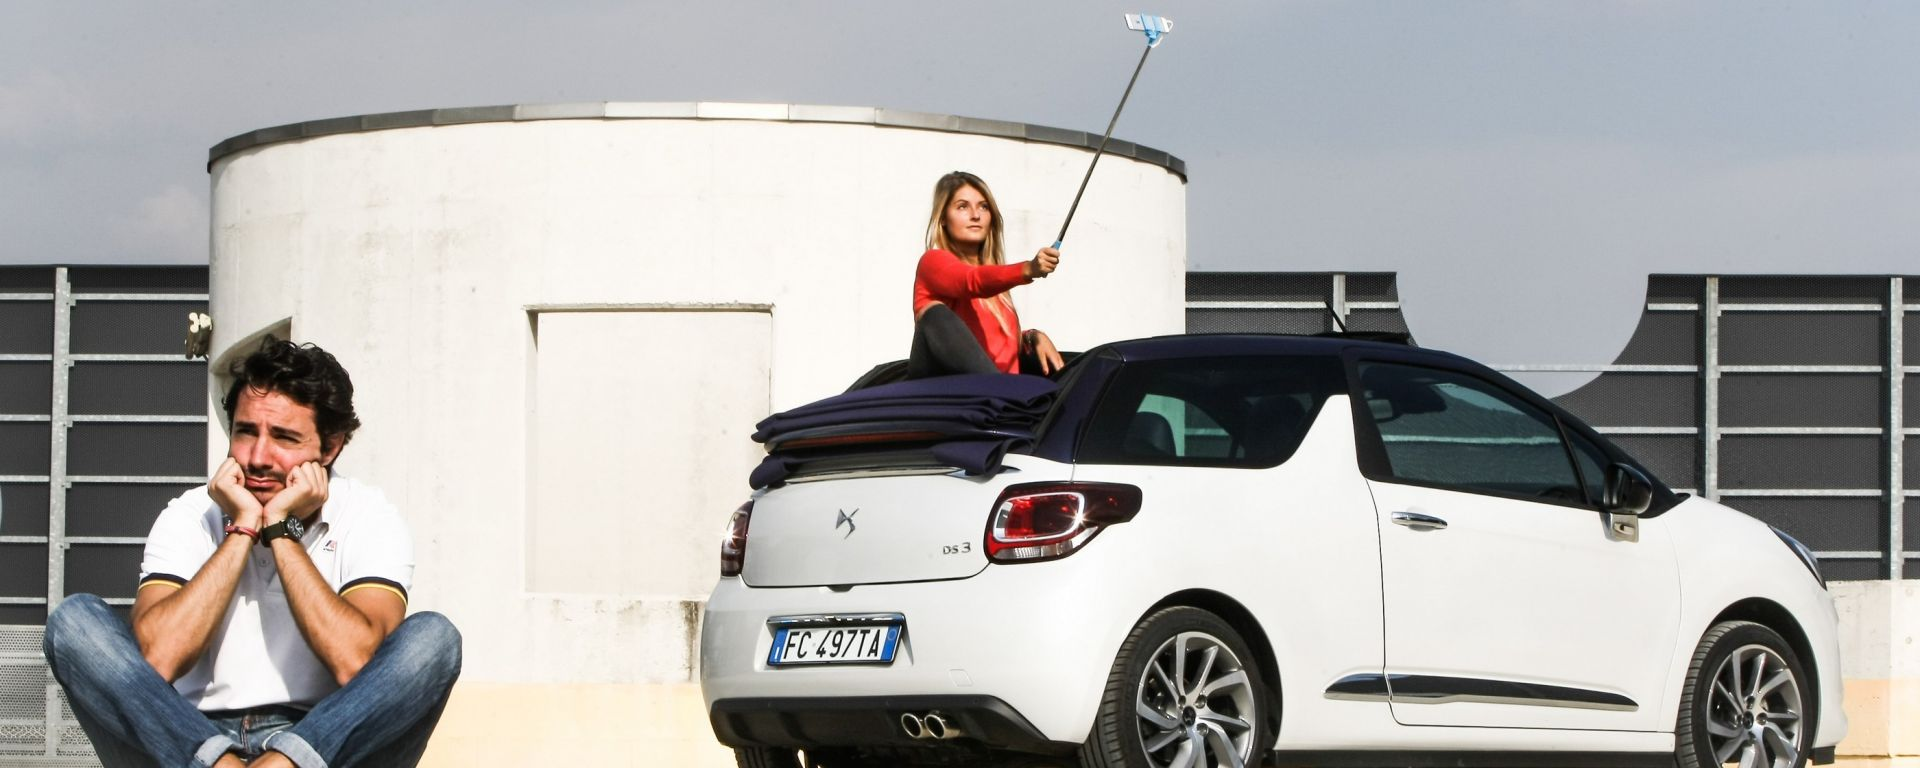 6 buoni motivi per (non) comprare una (DS 3) cabrio. Guarda il video